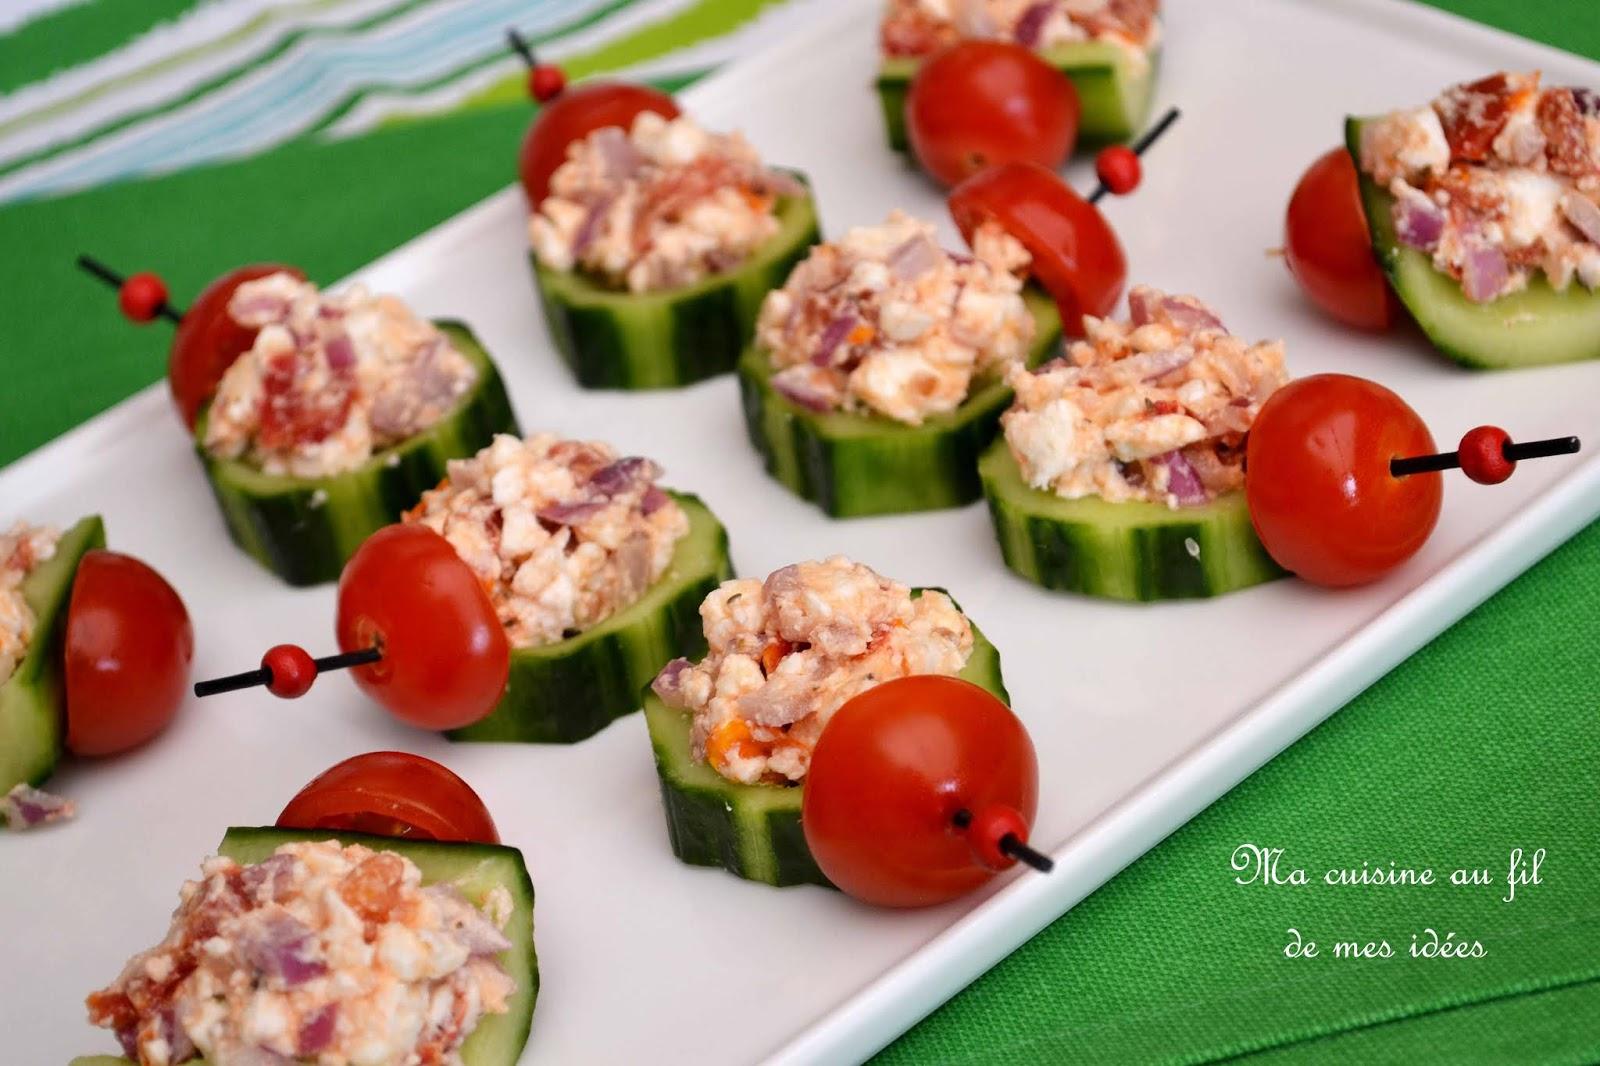 Ma cuisine au fil de mes idées...: Apéro time ! Tapas de concombres farcis à la feta, tomates ...